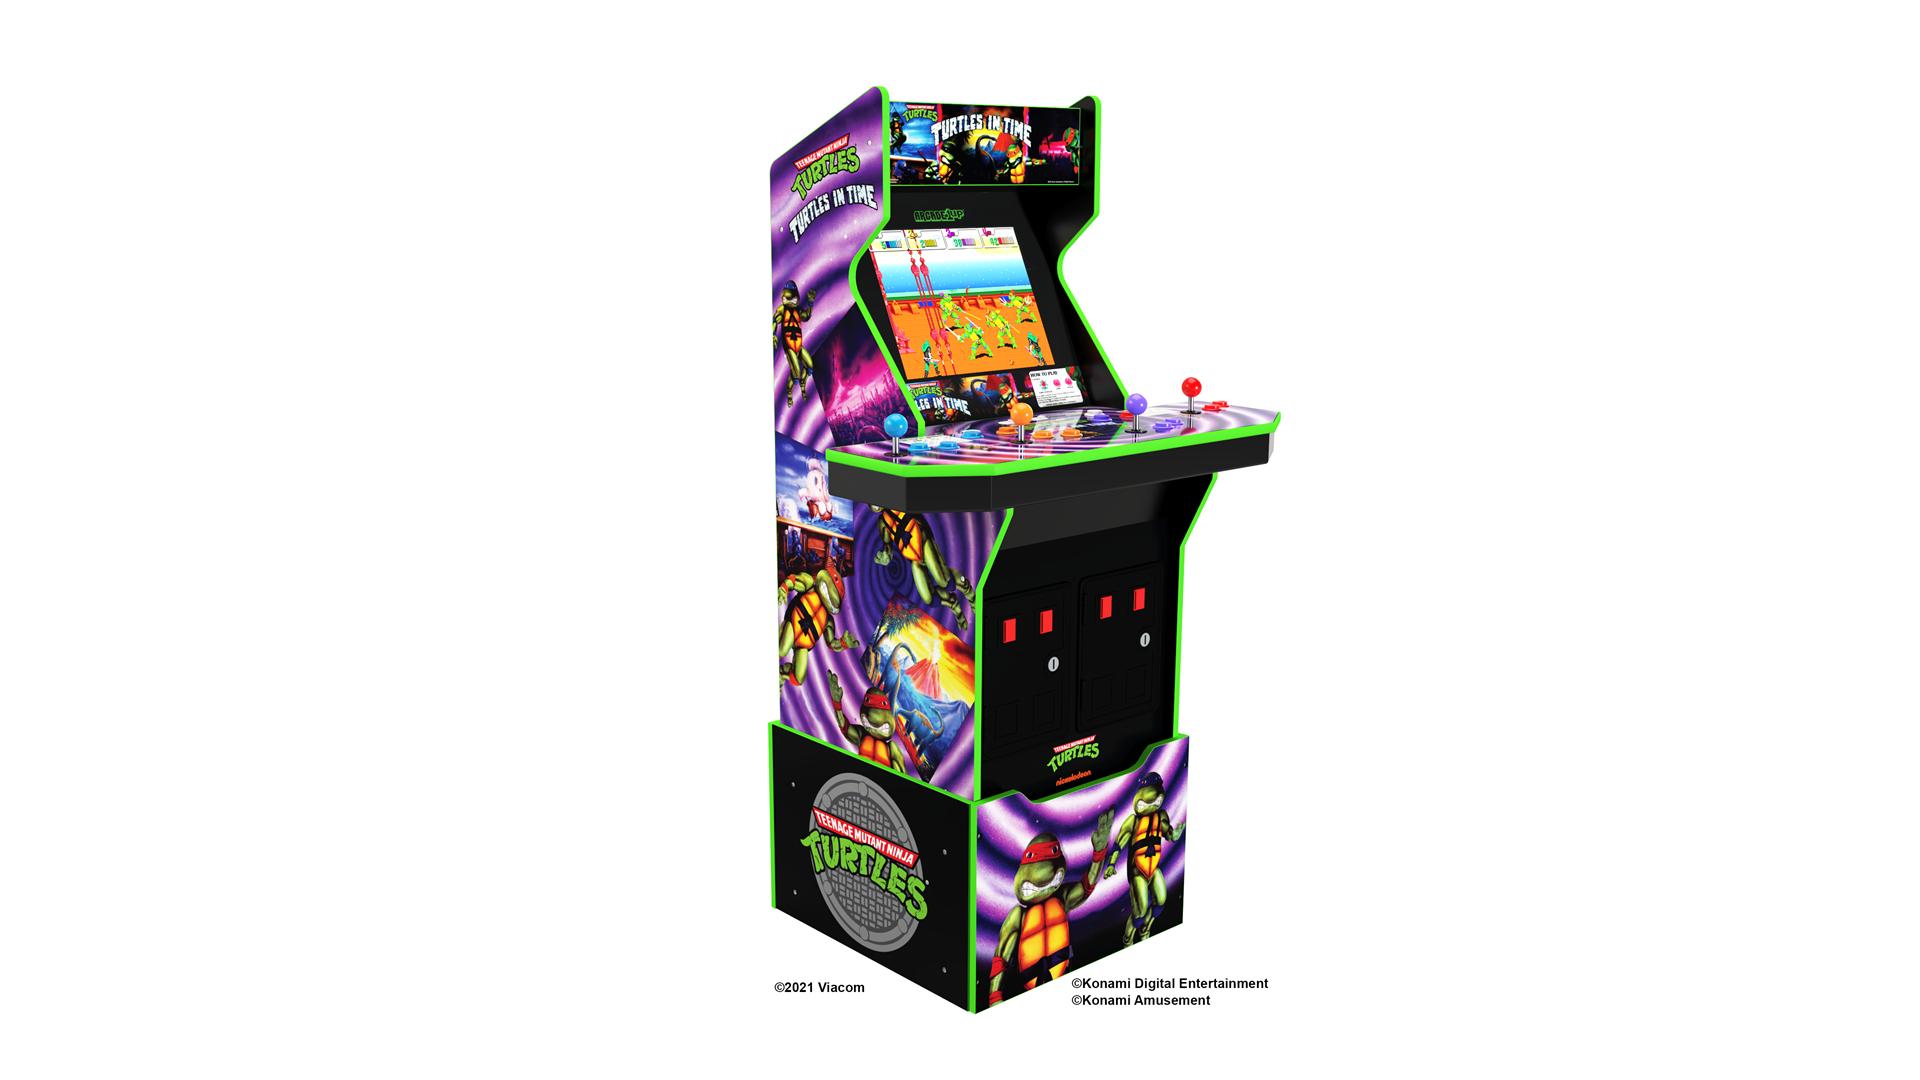 A Teenage Mutant Ninja Turtles arcade machine